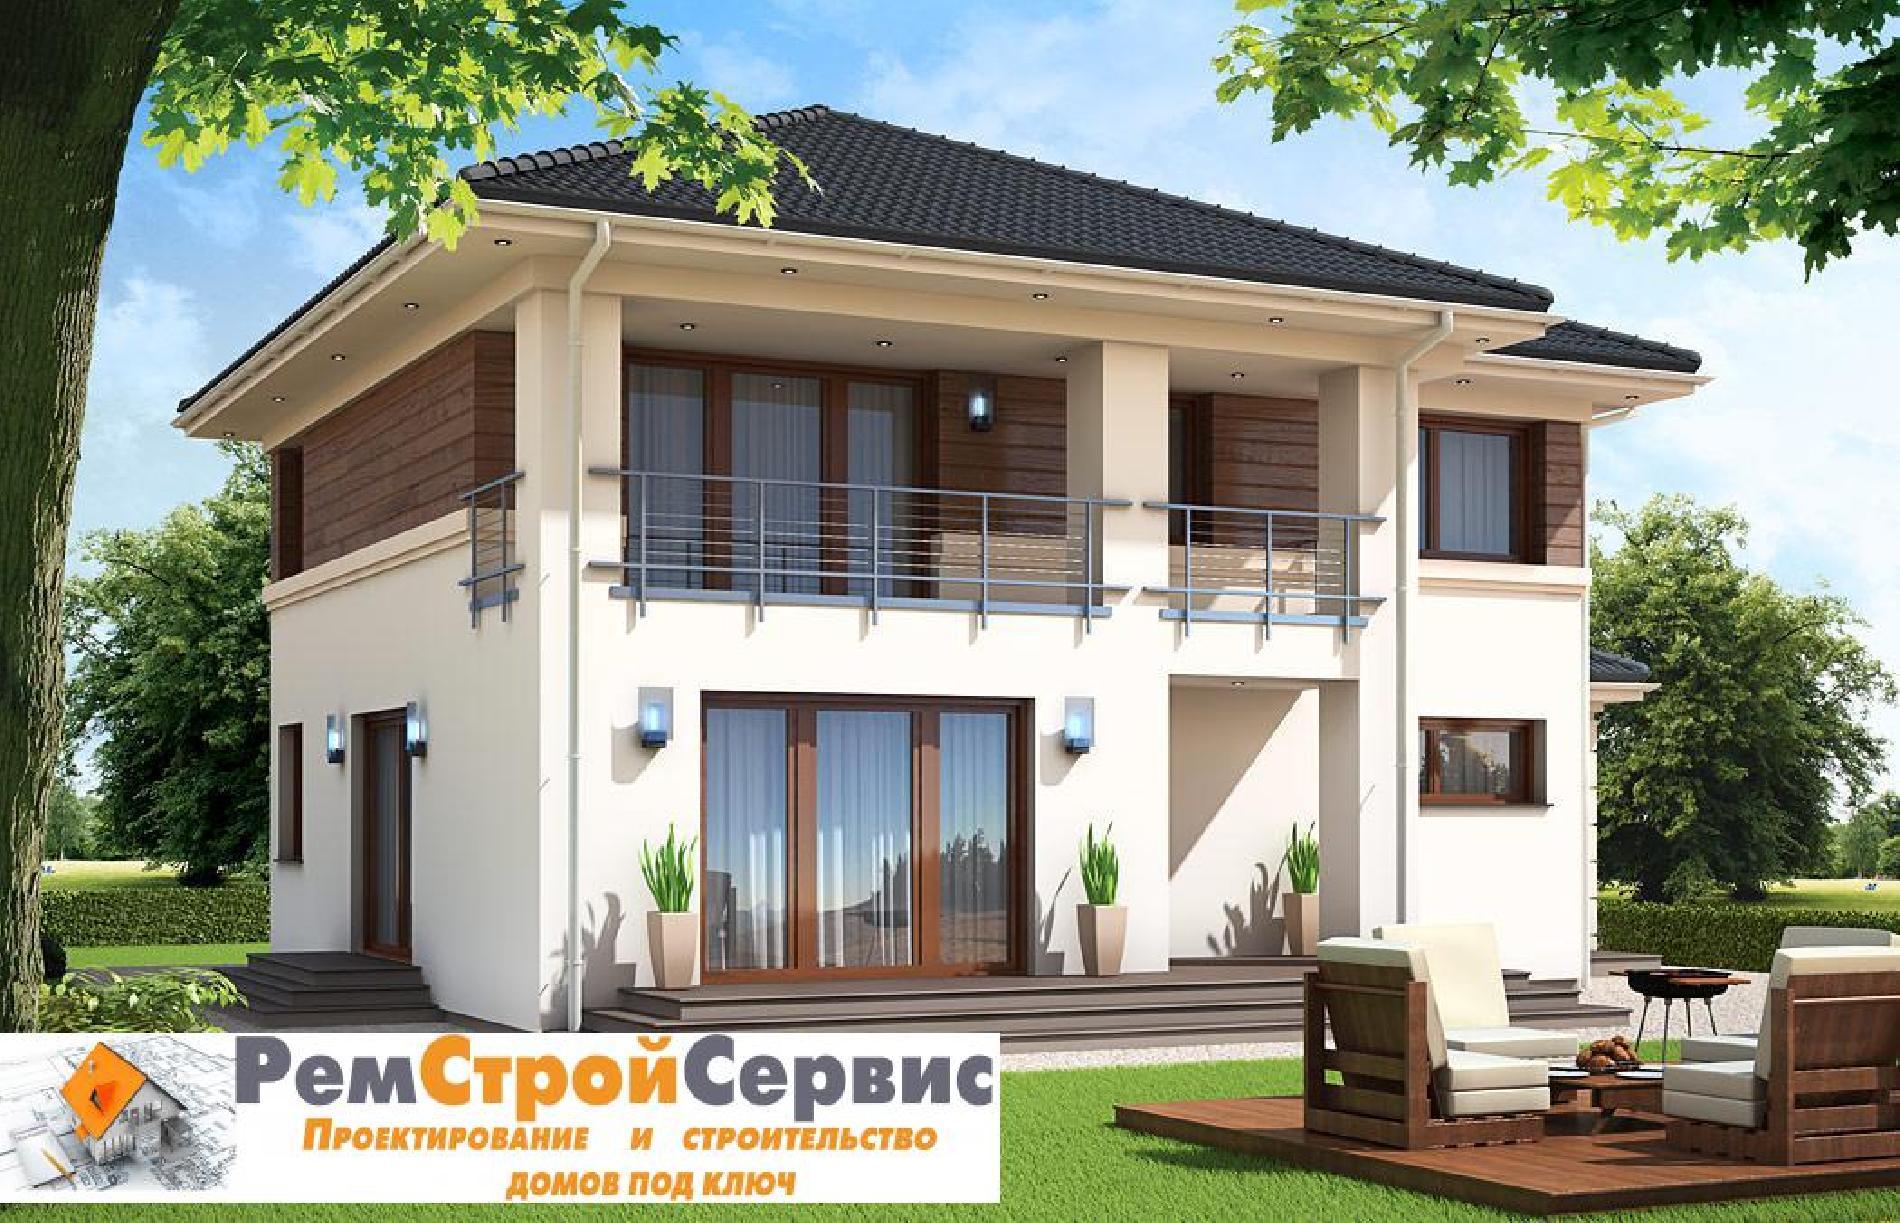 построить дом из пеноблока под ключ цена